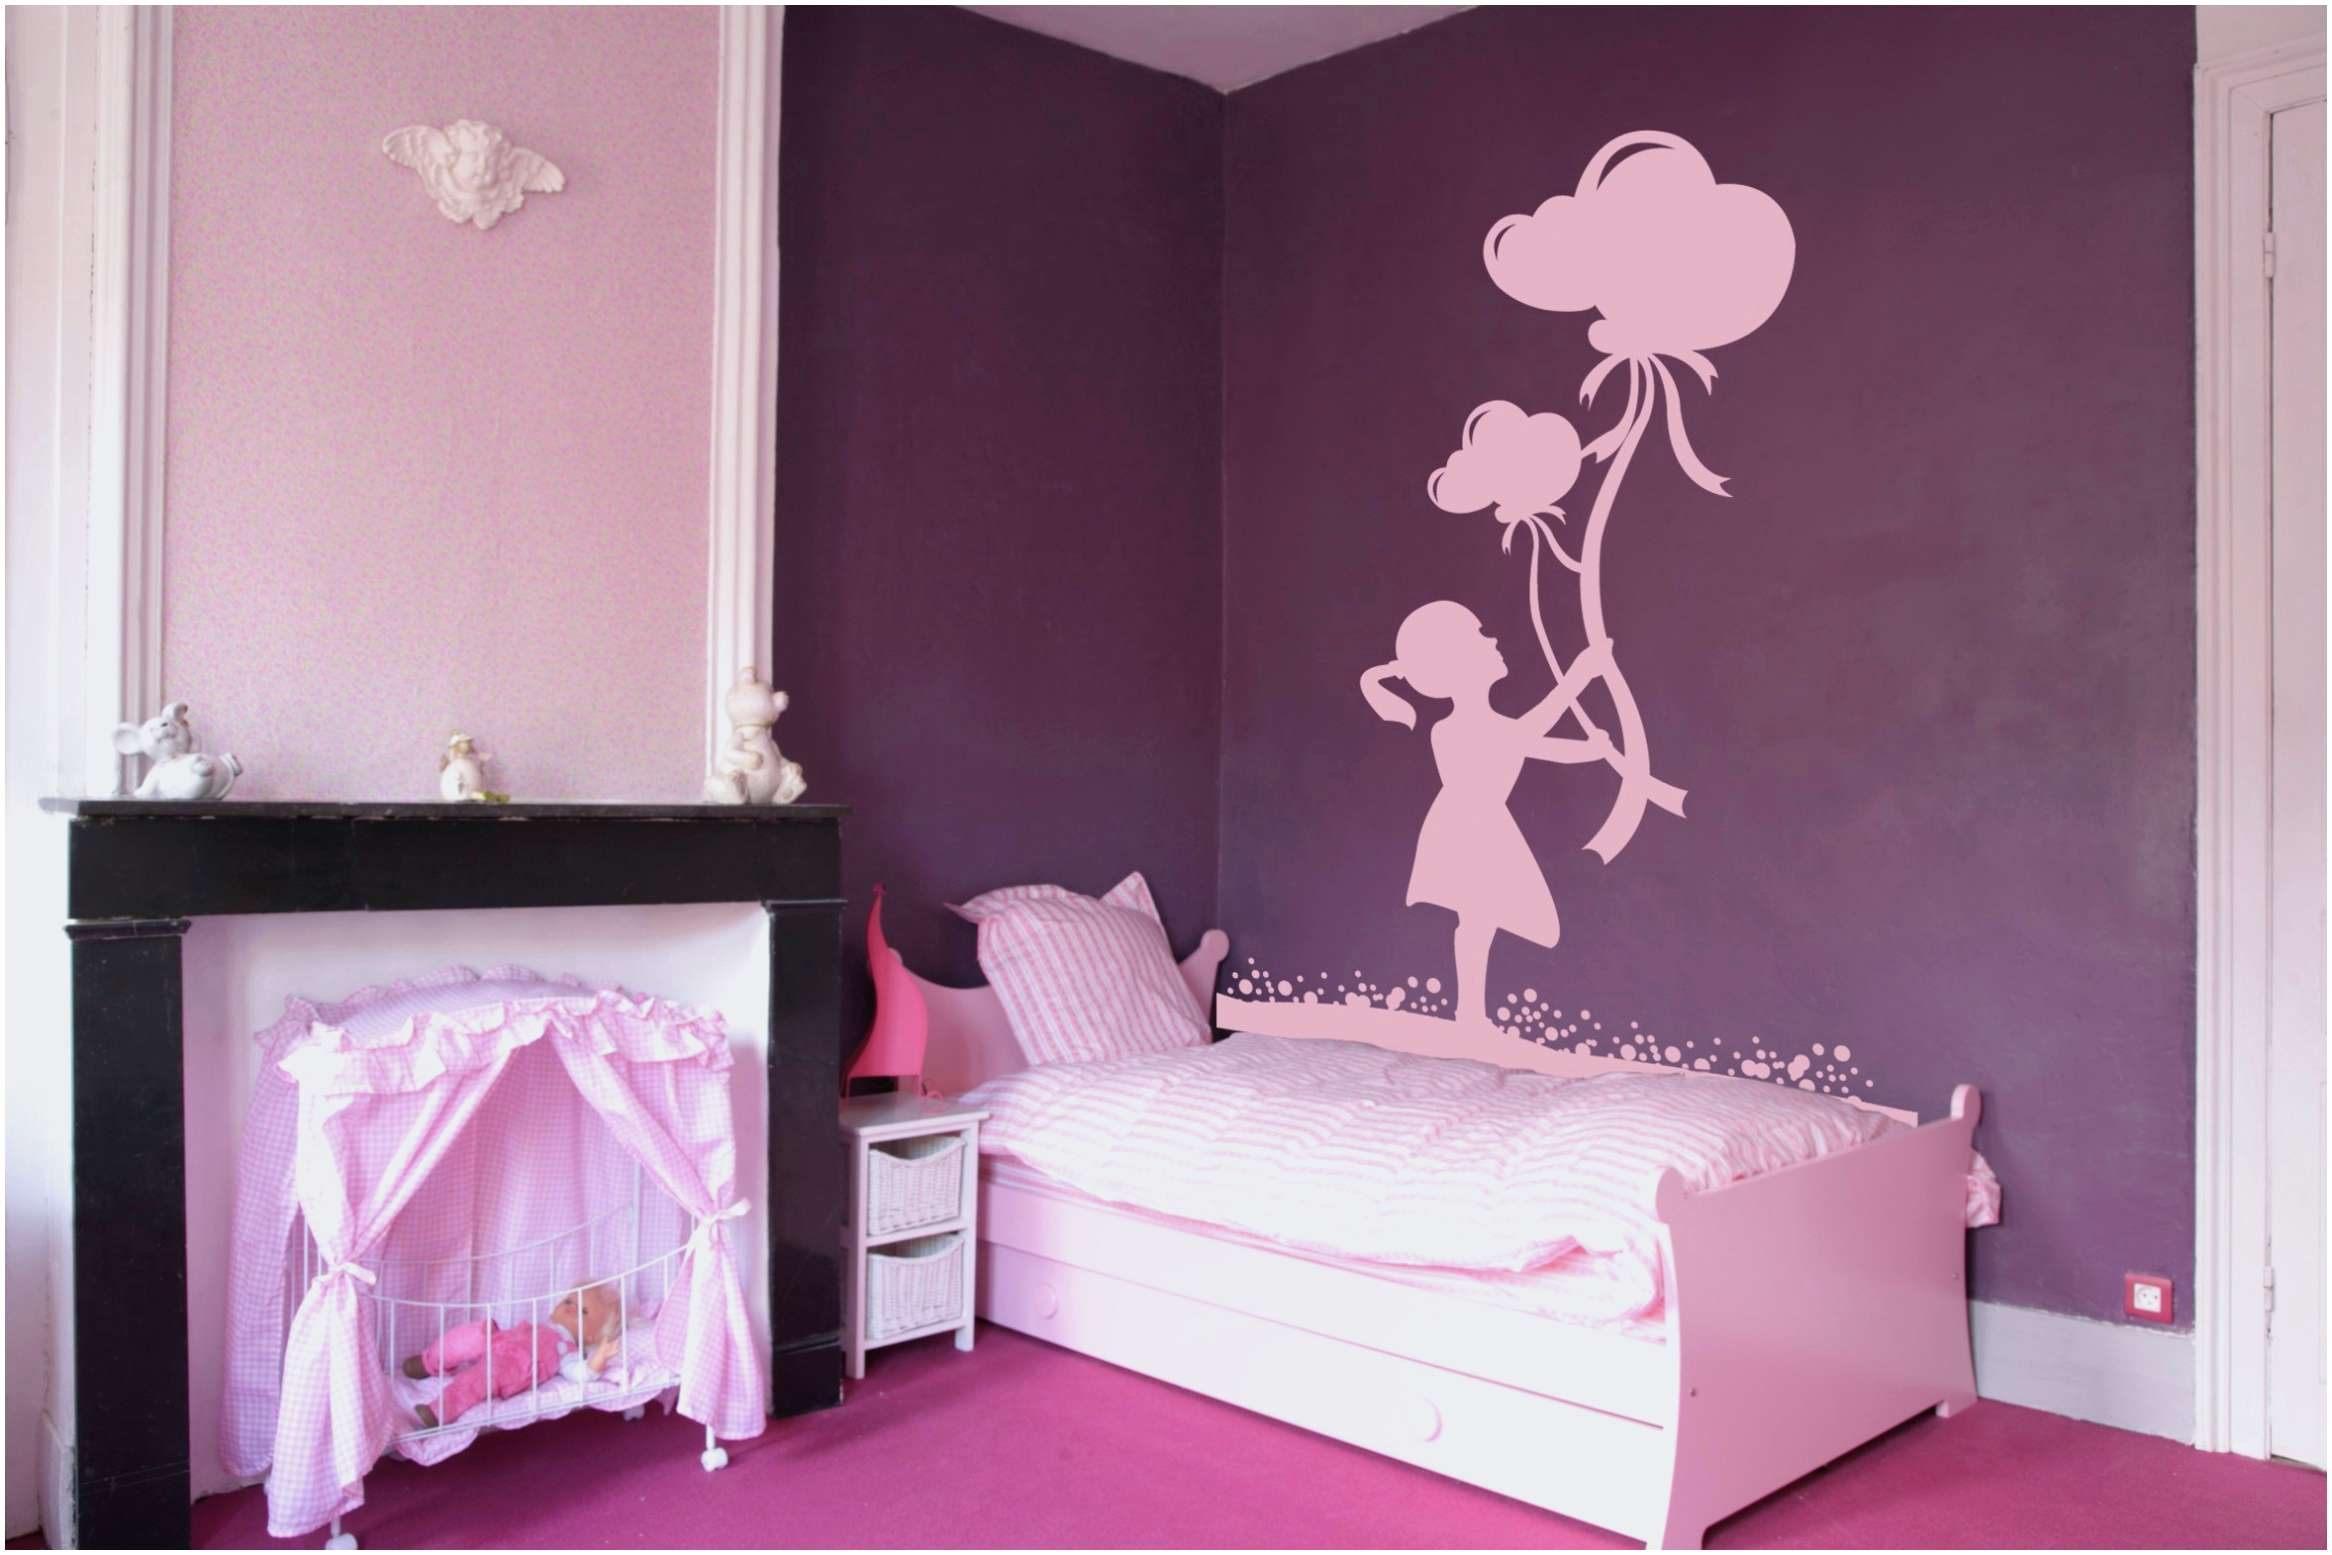 Lit Bébé Superposé Charmant Unique Chambre Bébé Fille Gris Et Rose Beau Parc B C3 A9b C3 A9 Gris